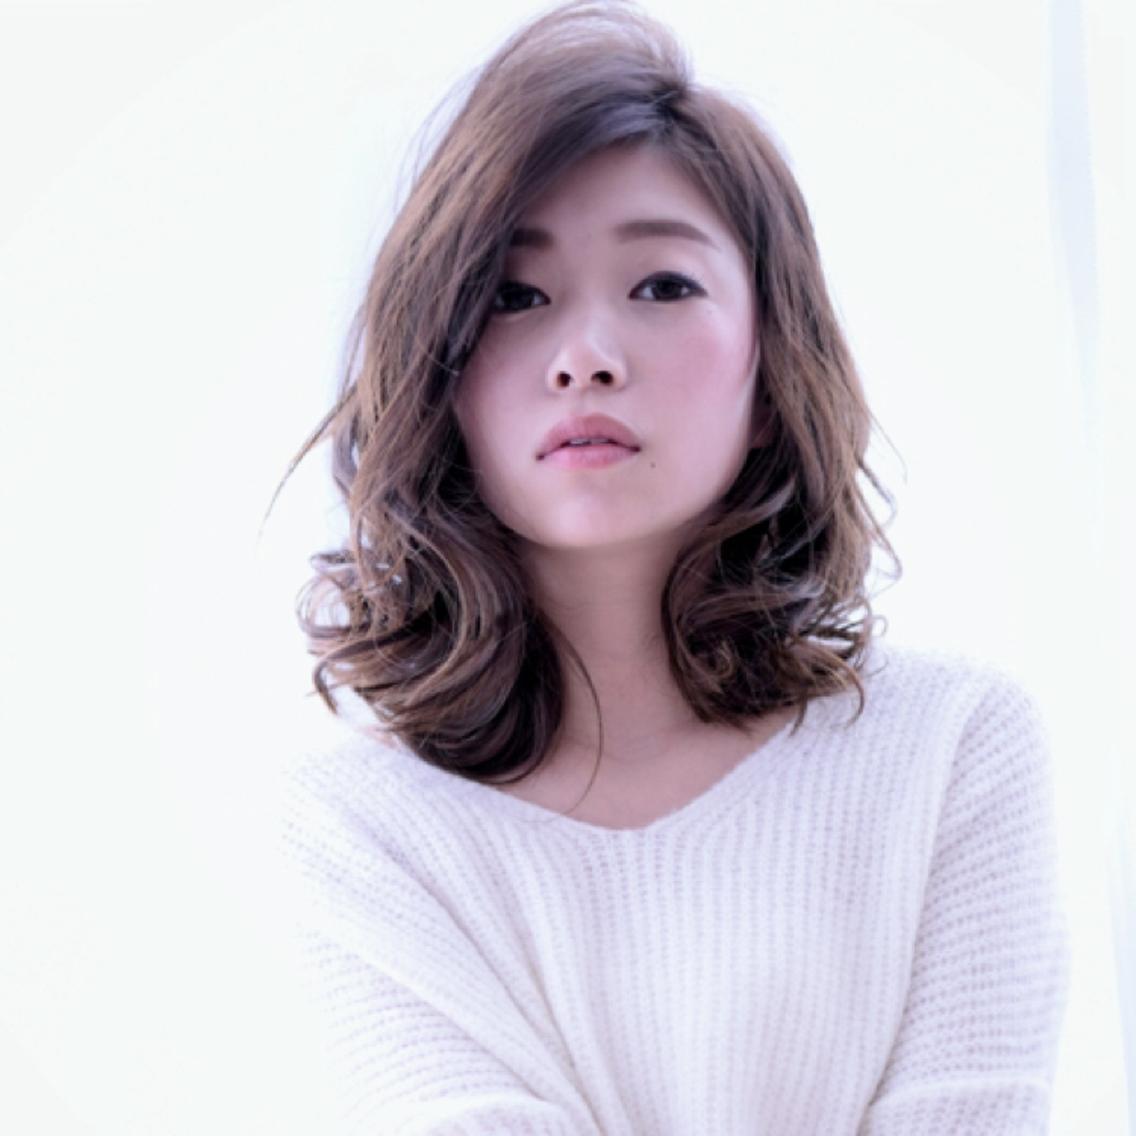 髪質改善専門店 Atelier e'cru所属・sakaiyuuの掲載